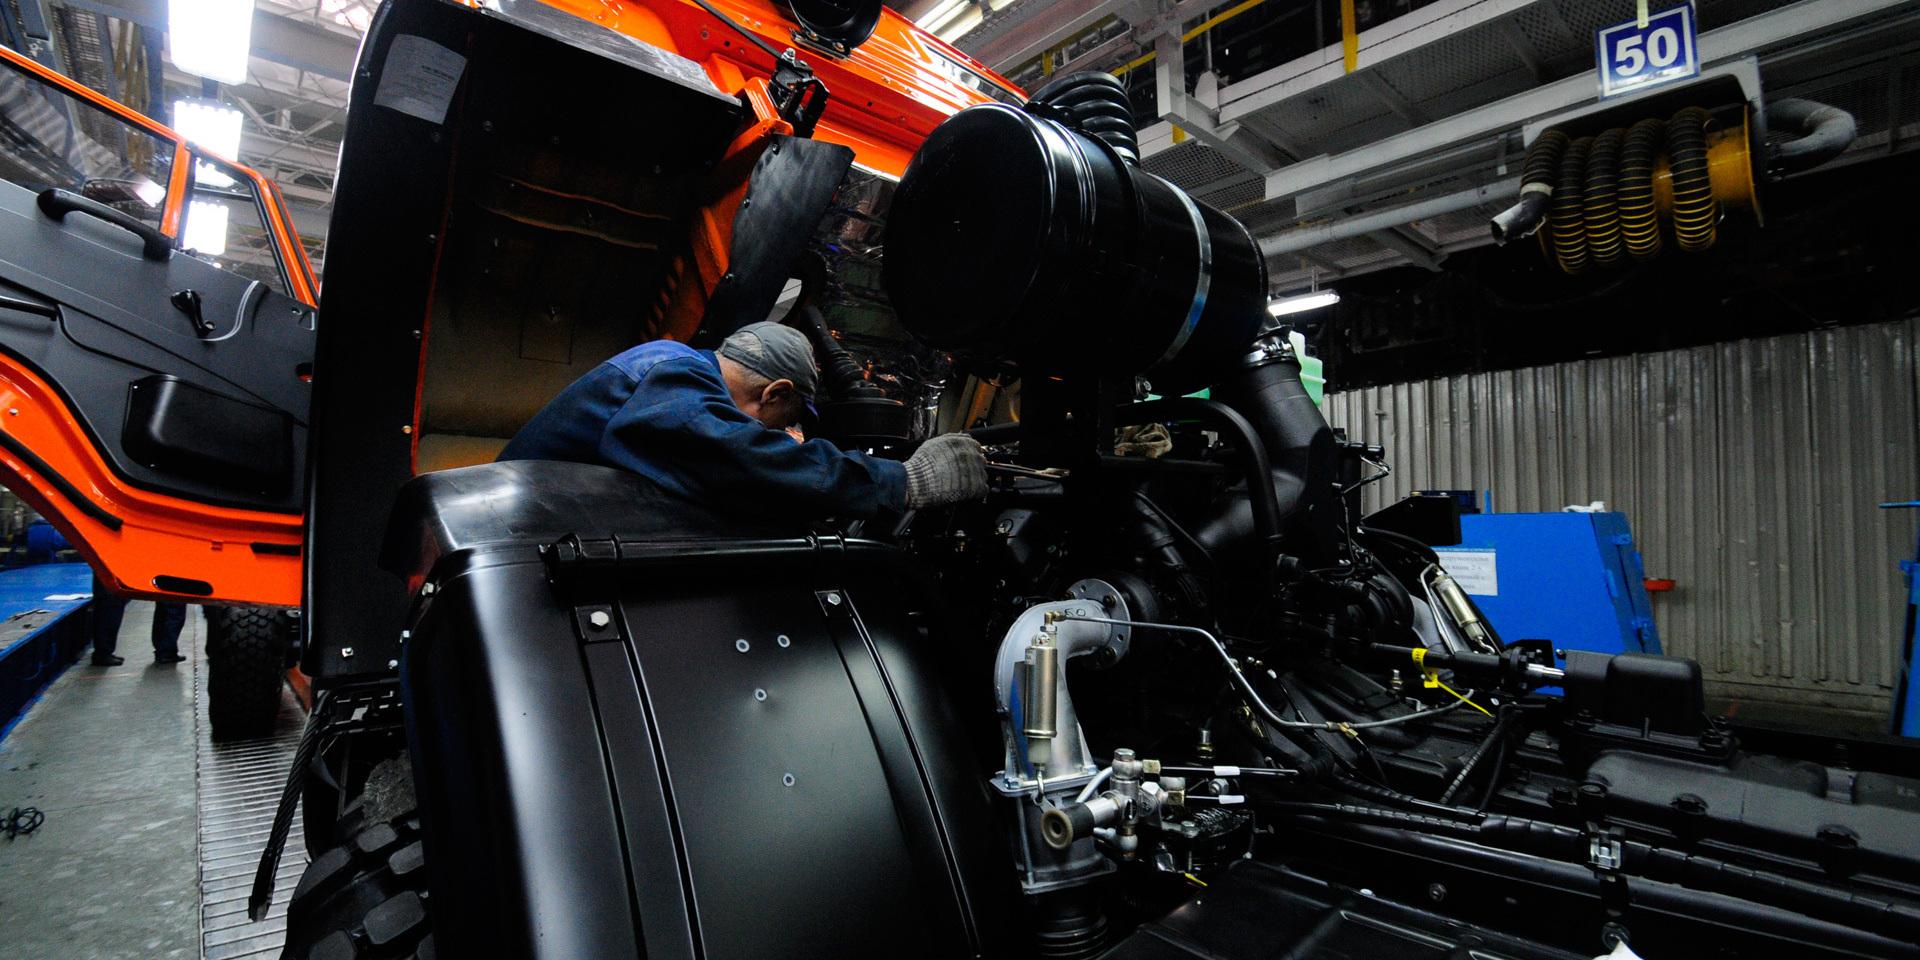 КАМАЗ начал разработку первого в России беспилотного автомобиля